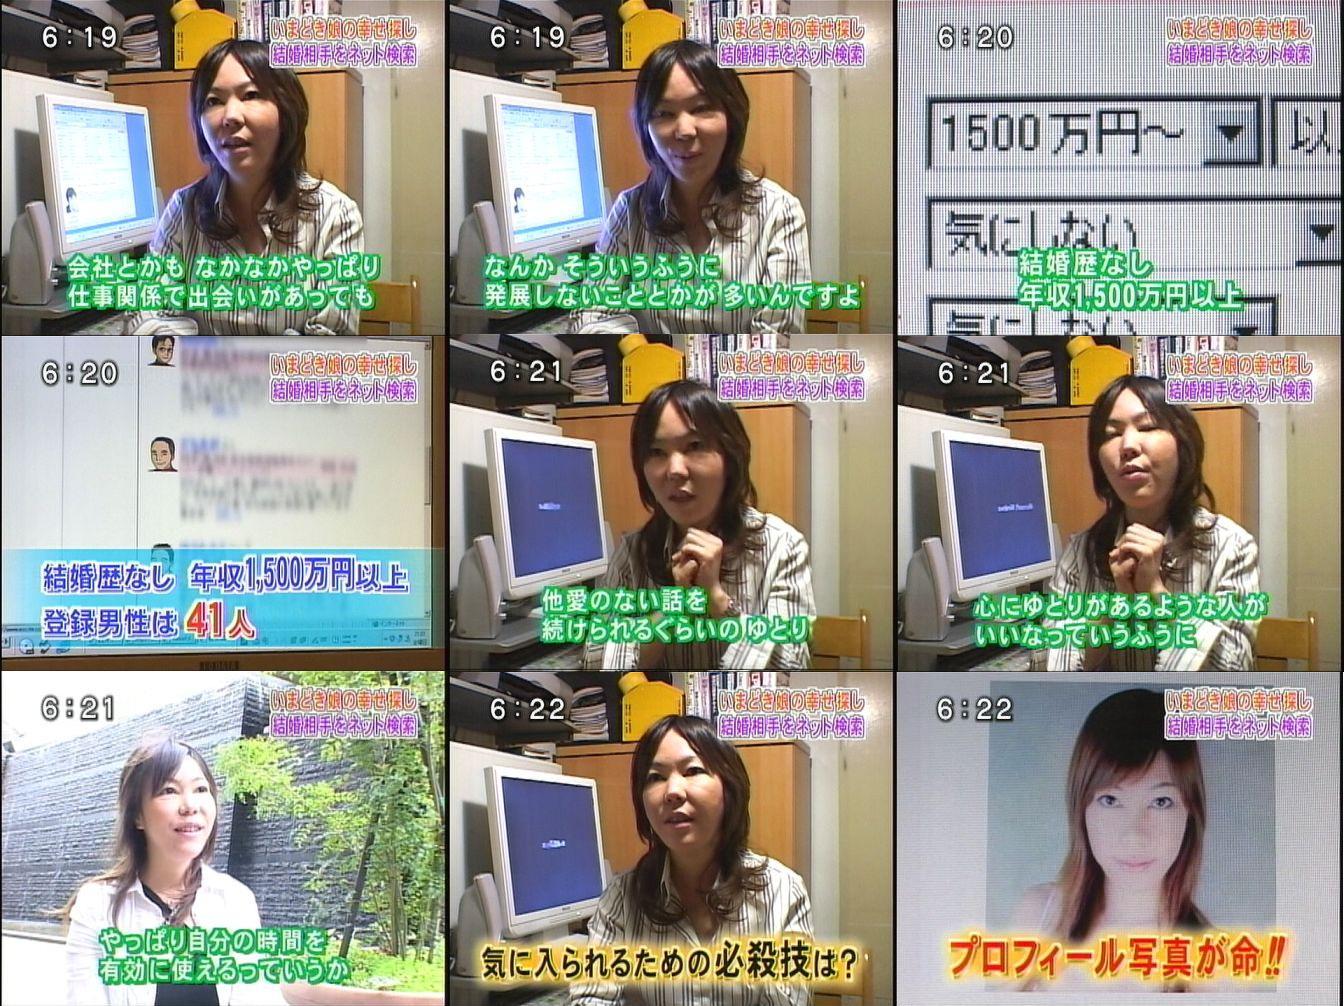 【0,,0】グロ総合スレ Part208【0,,0】YouTube動画>37本 ->画像>428枚